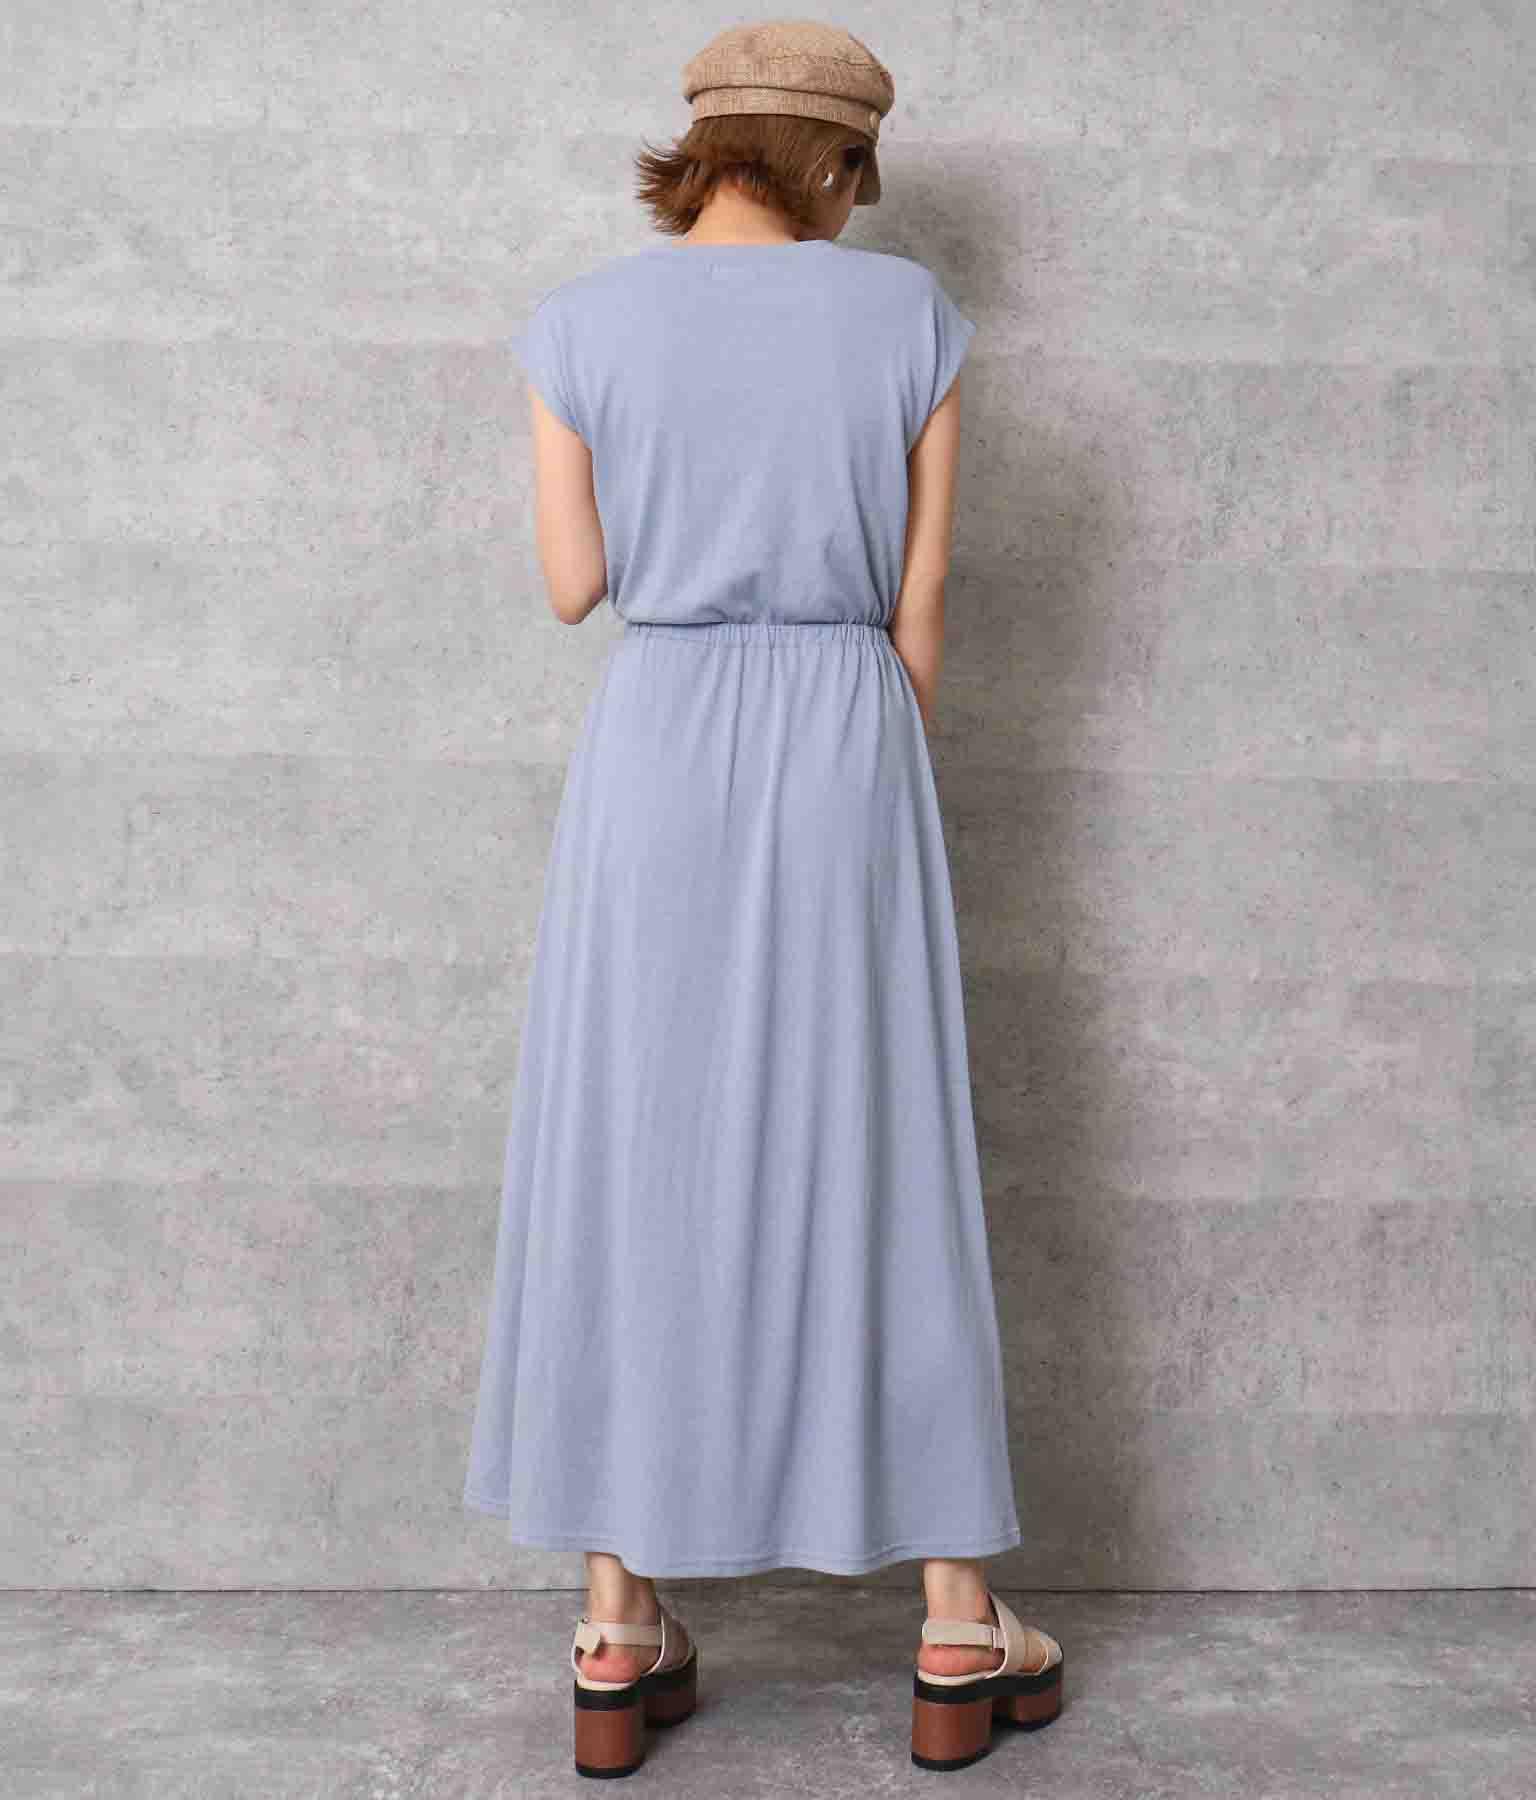 フレンチスリーブロングワンピース(ワンピース・ドレス/ロングワンピ) | ANAP